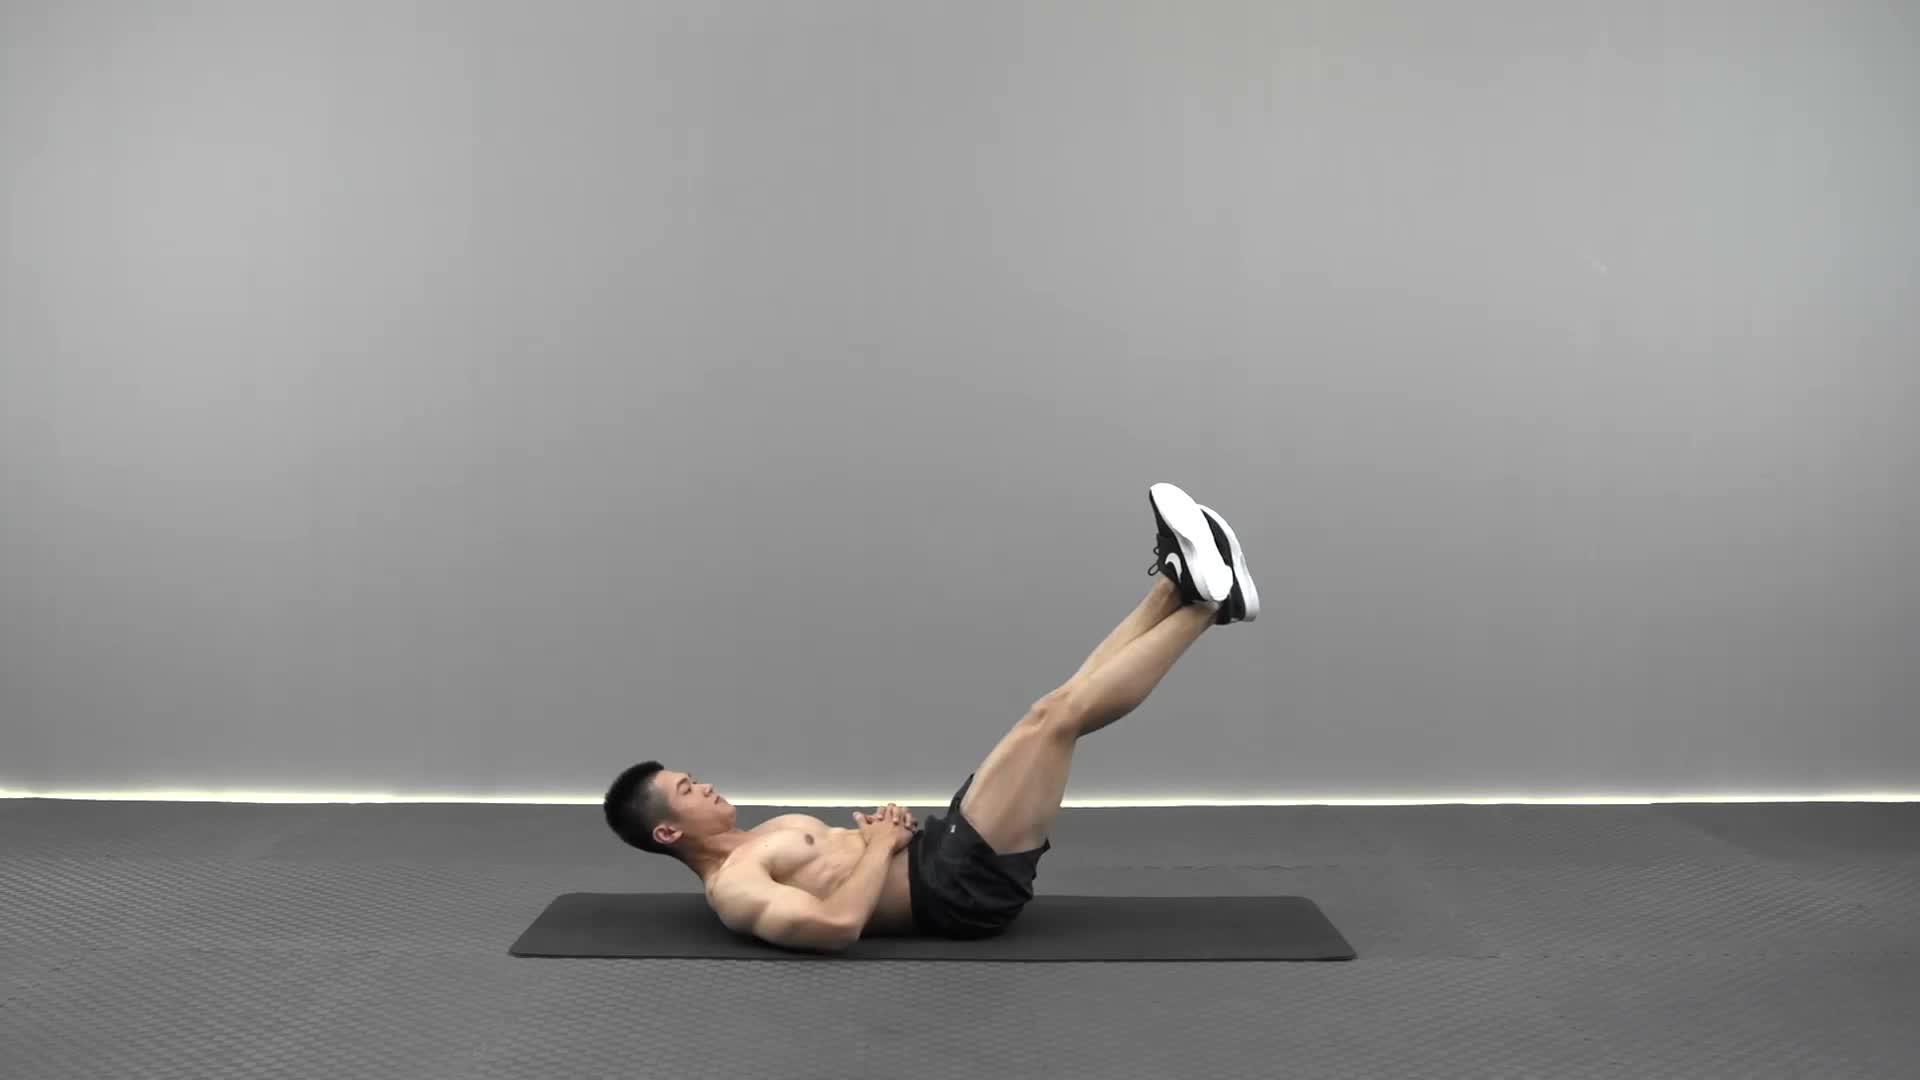 动作要领图                 保持上半身卷起,双腿交叉卷起至胸口位置。过程中注意保持腹部持续发力           主要肌肉示意图        叠腿收腹的动作要领 1持上半身卷起,双